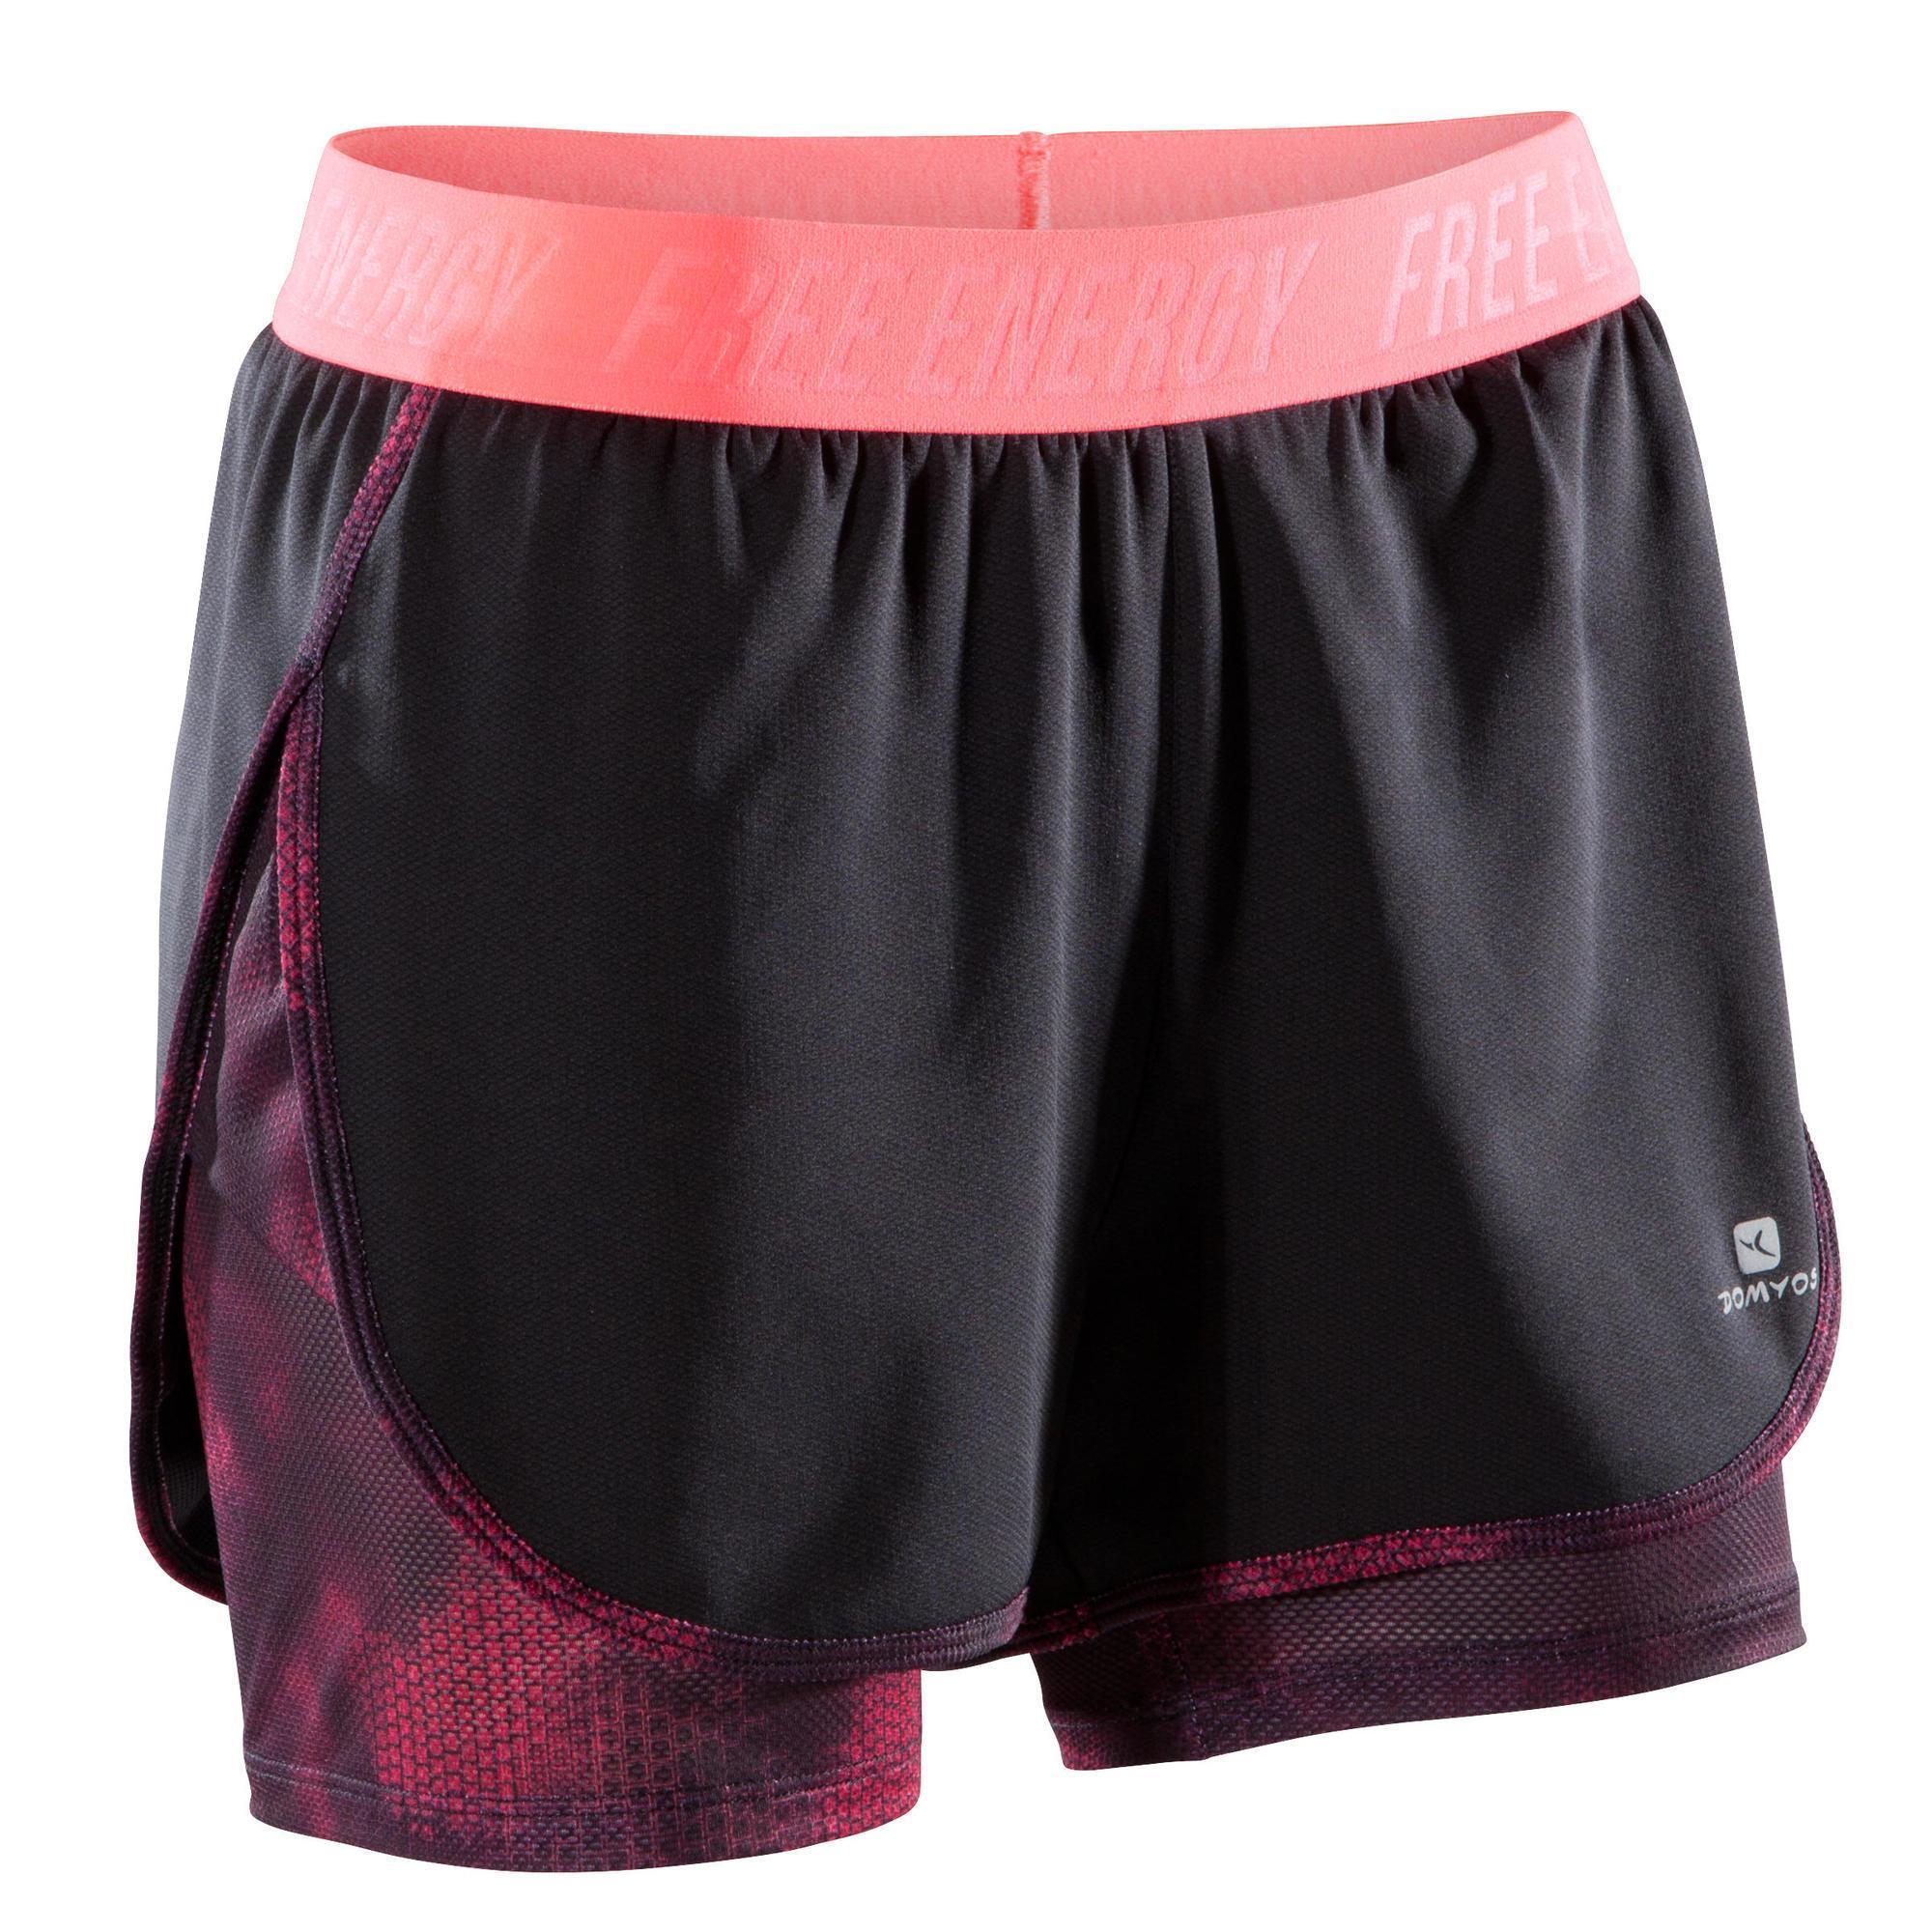 ee52fa0344de Kurze Hosen, Shorts Damen   Sport erleben   DECATHLON